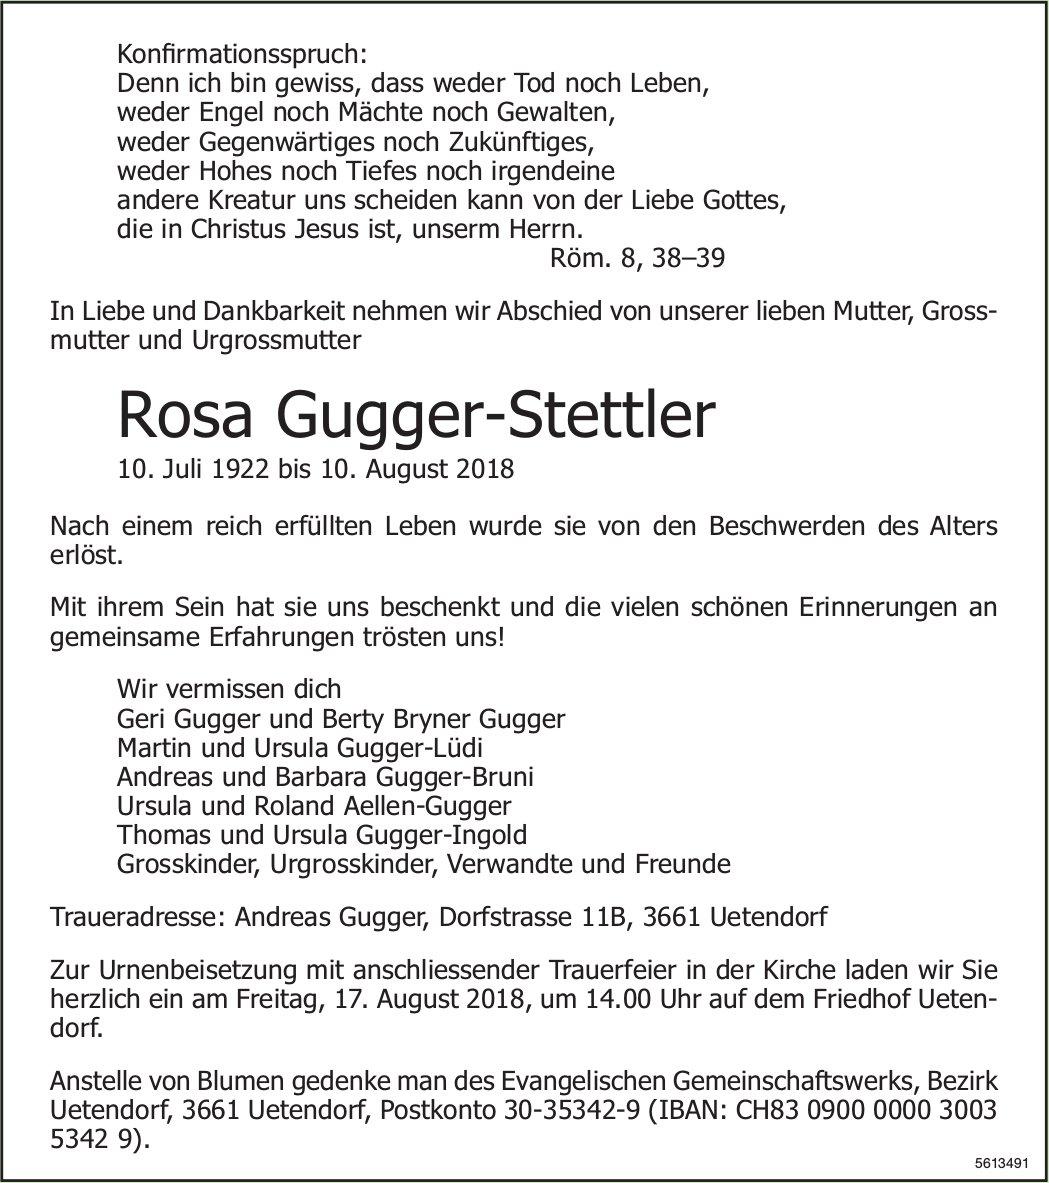 Gugger-Stettler Rosa, August 2018 / TA